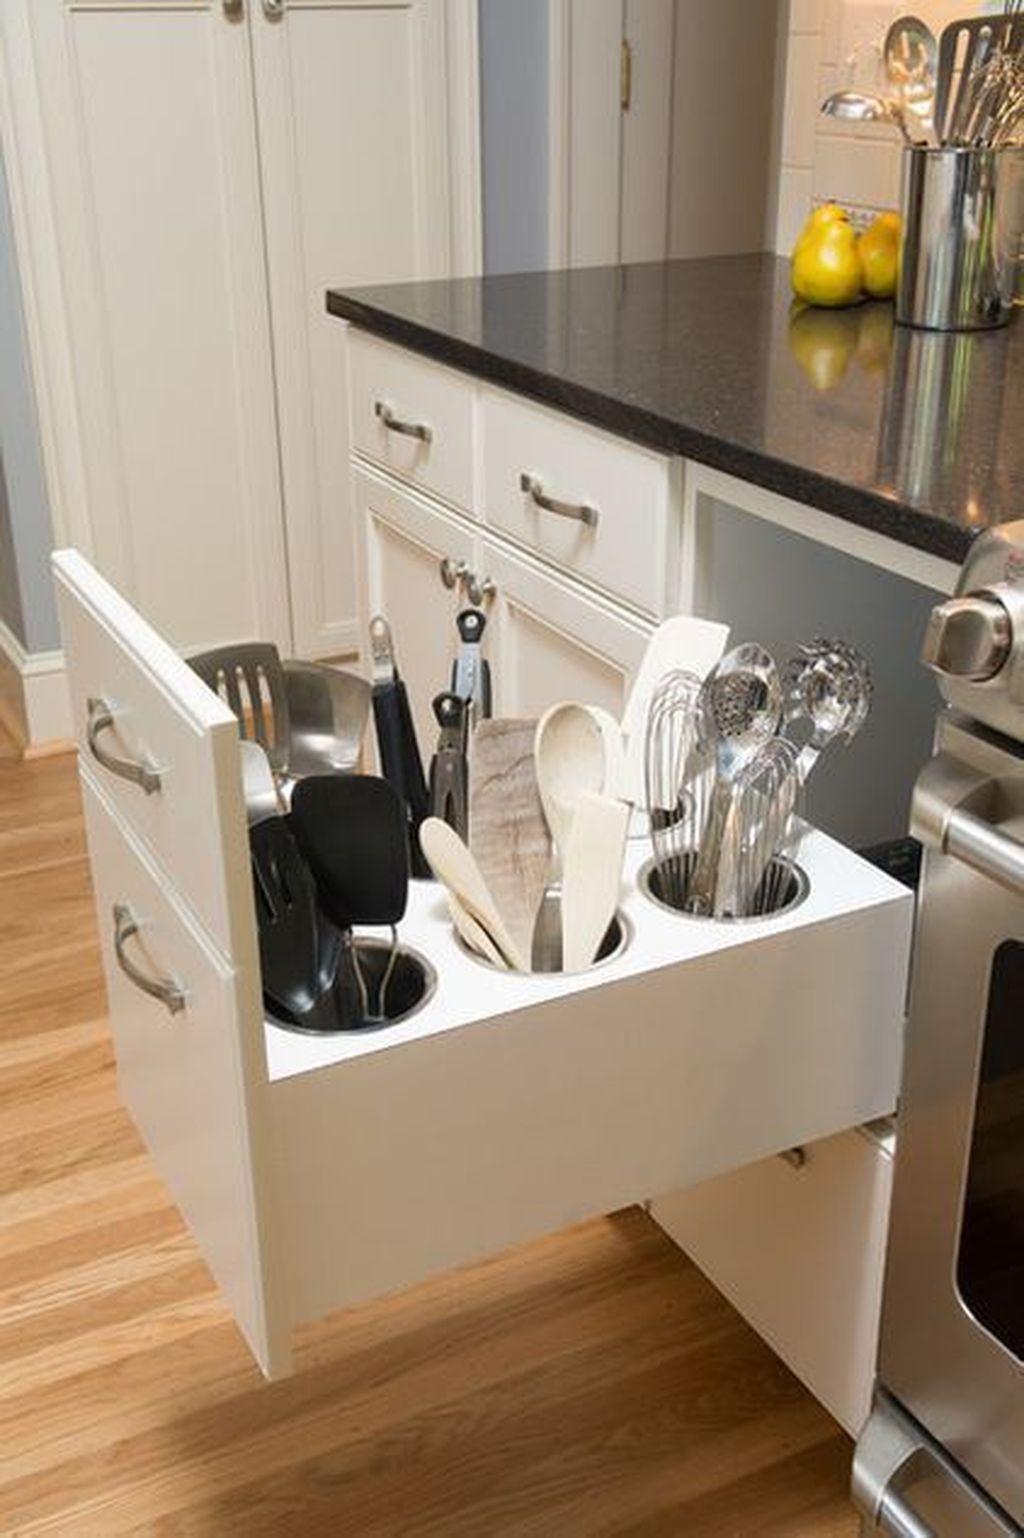 Superior 35 Elegant Kitchen Design Inspiration 29